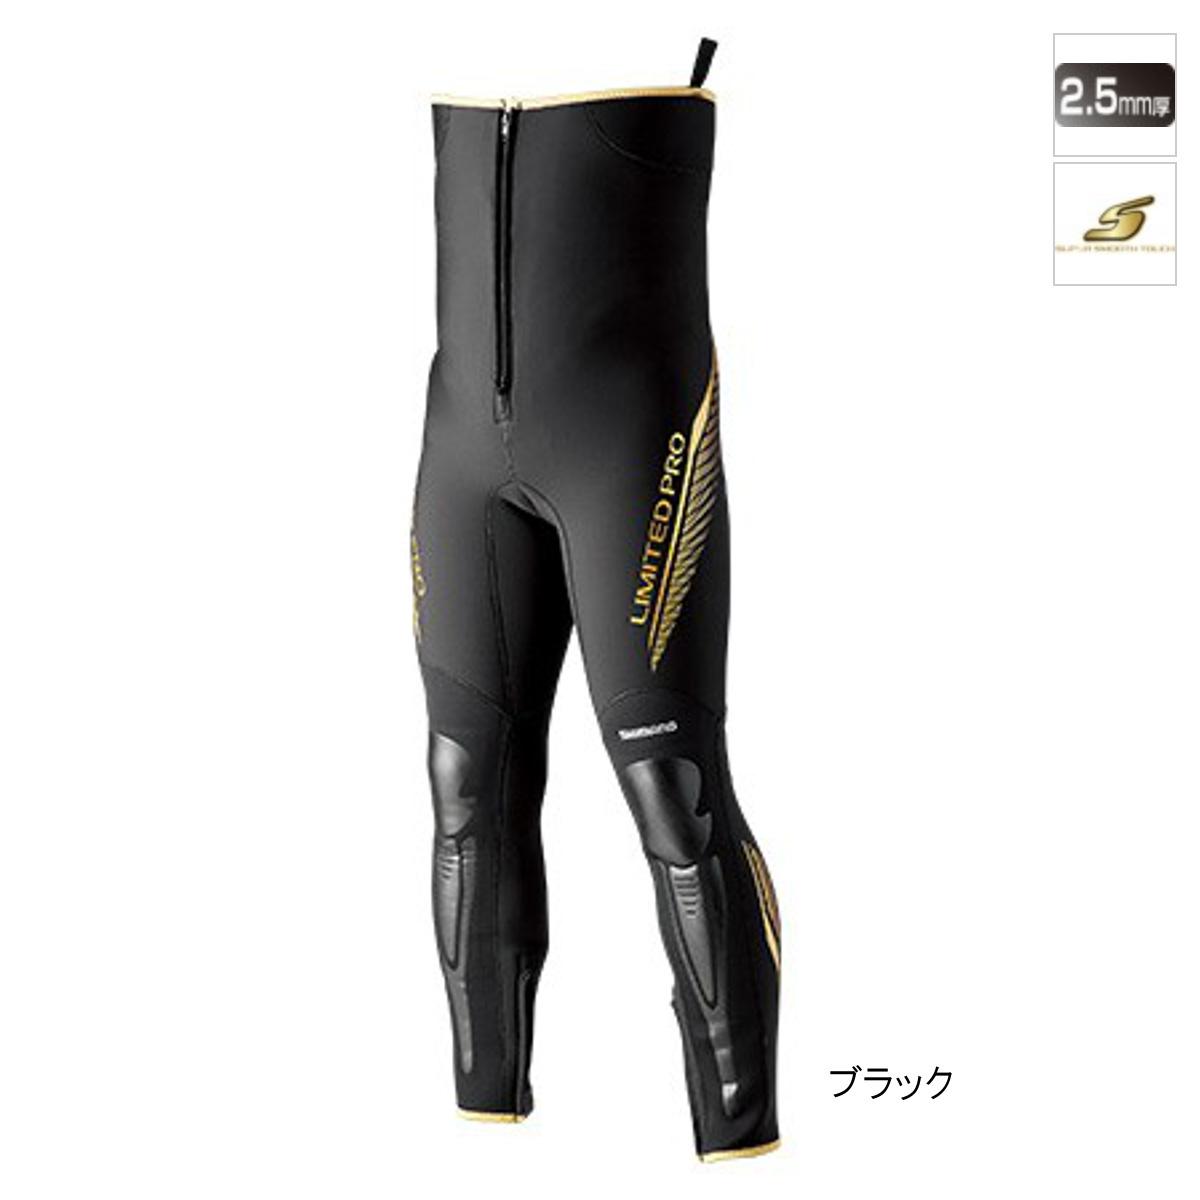 シマノ タイツリミテッドプロ FI-011S LA ブラック